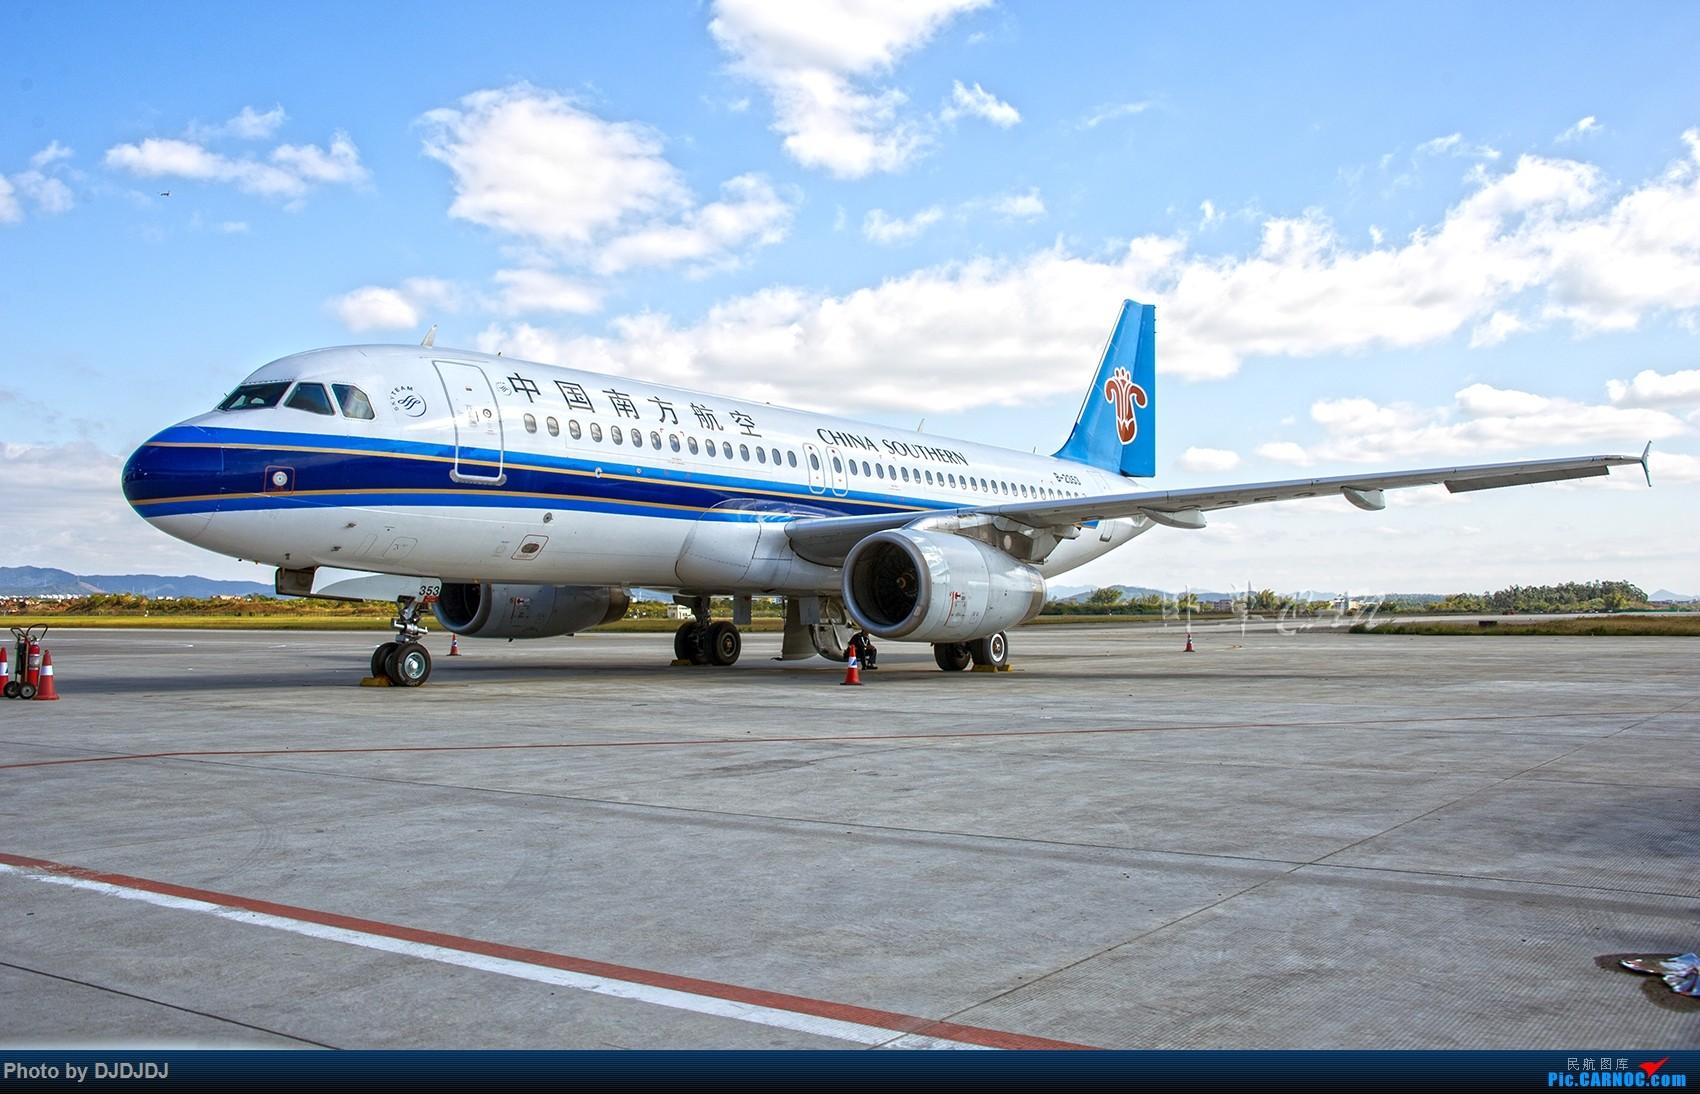 [原创]【BLDDQ】2353 AIRBUS A320-200 B-2353 中国广州白云国际机场